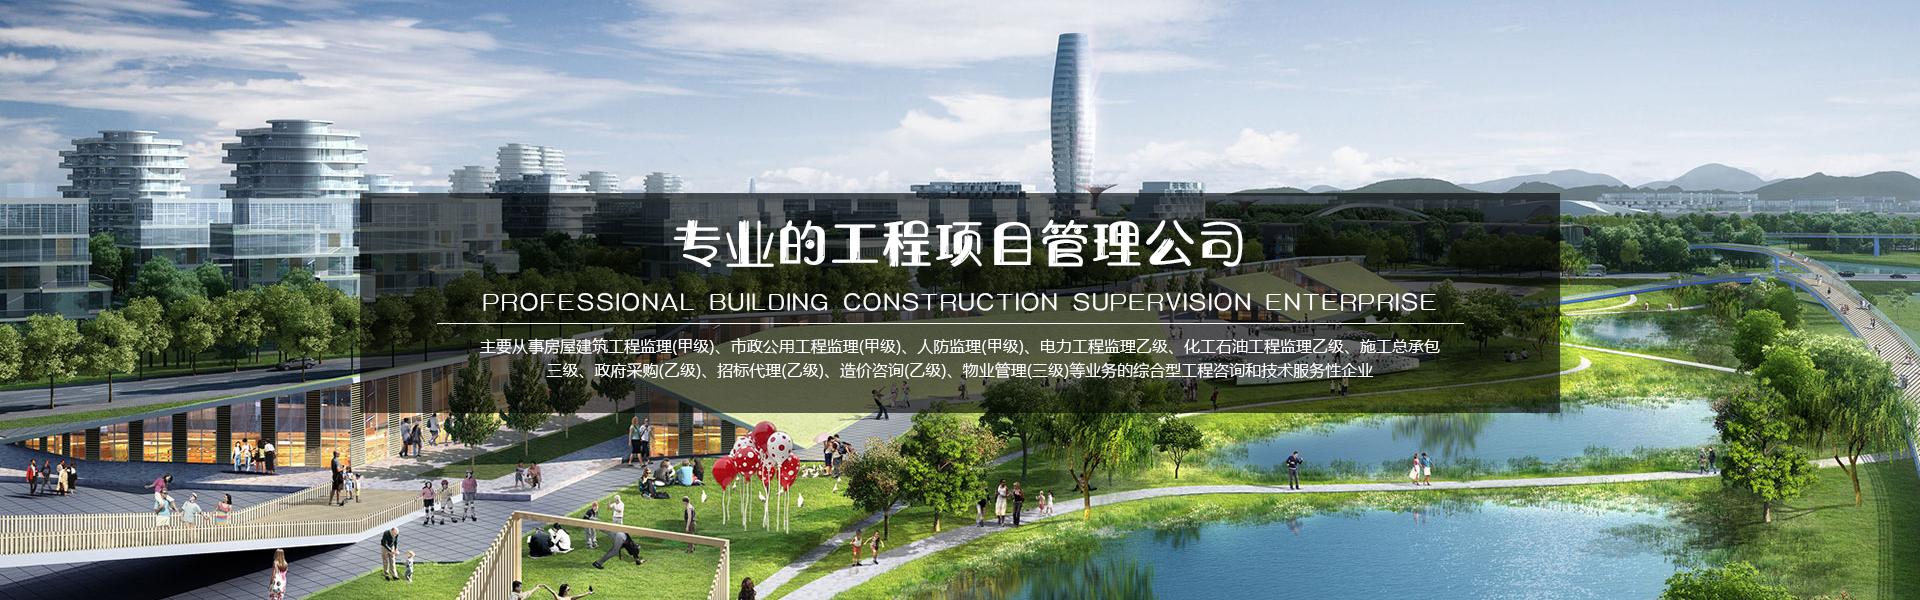 建筑工程监理公司